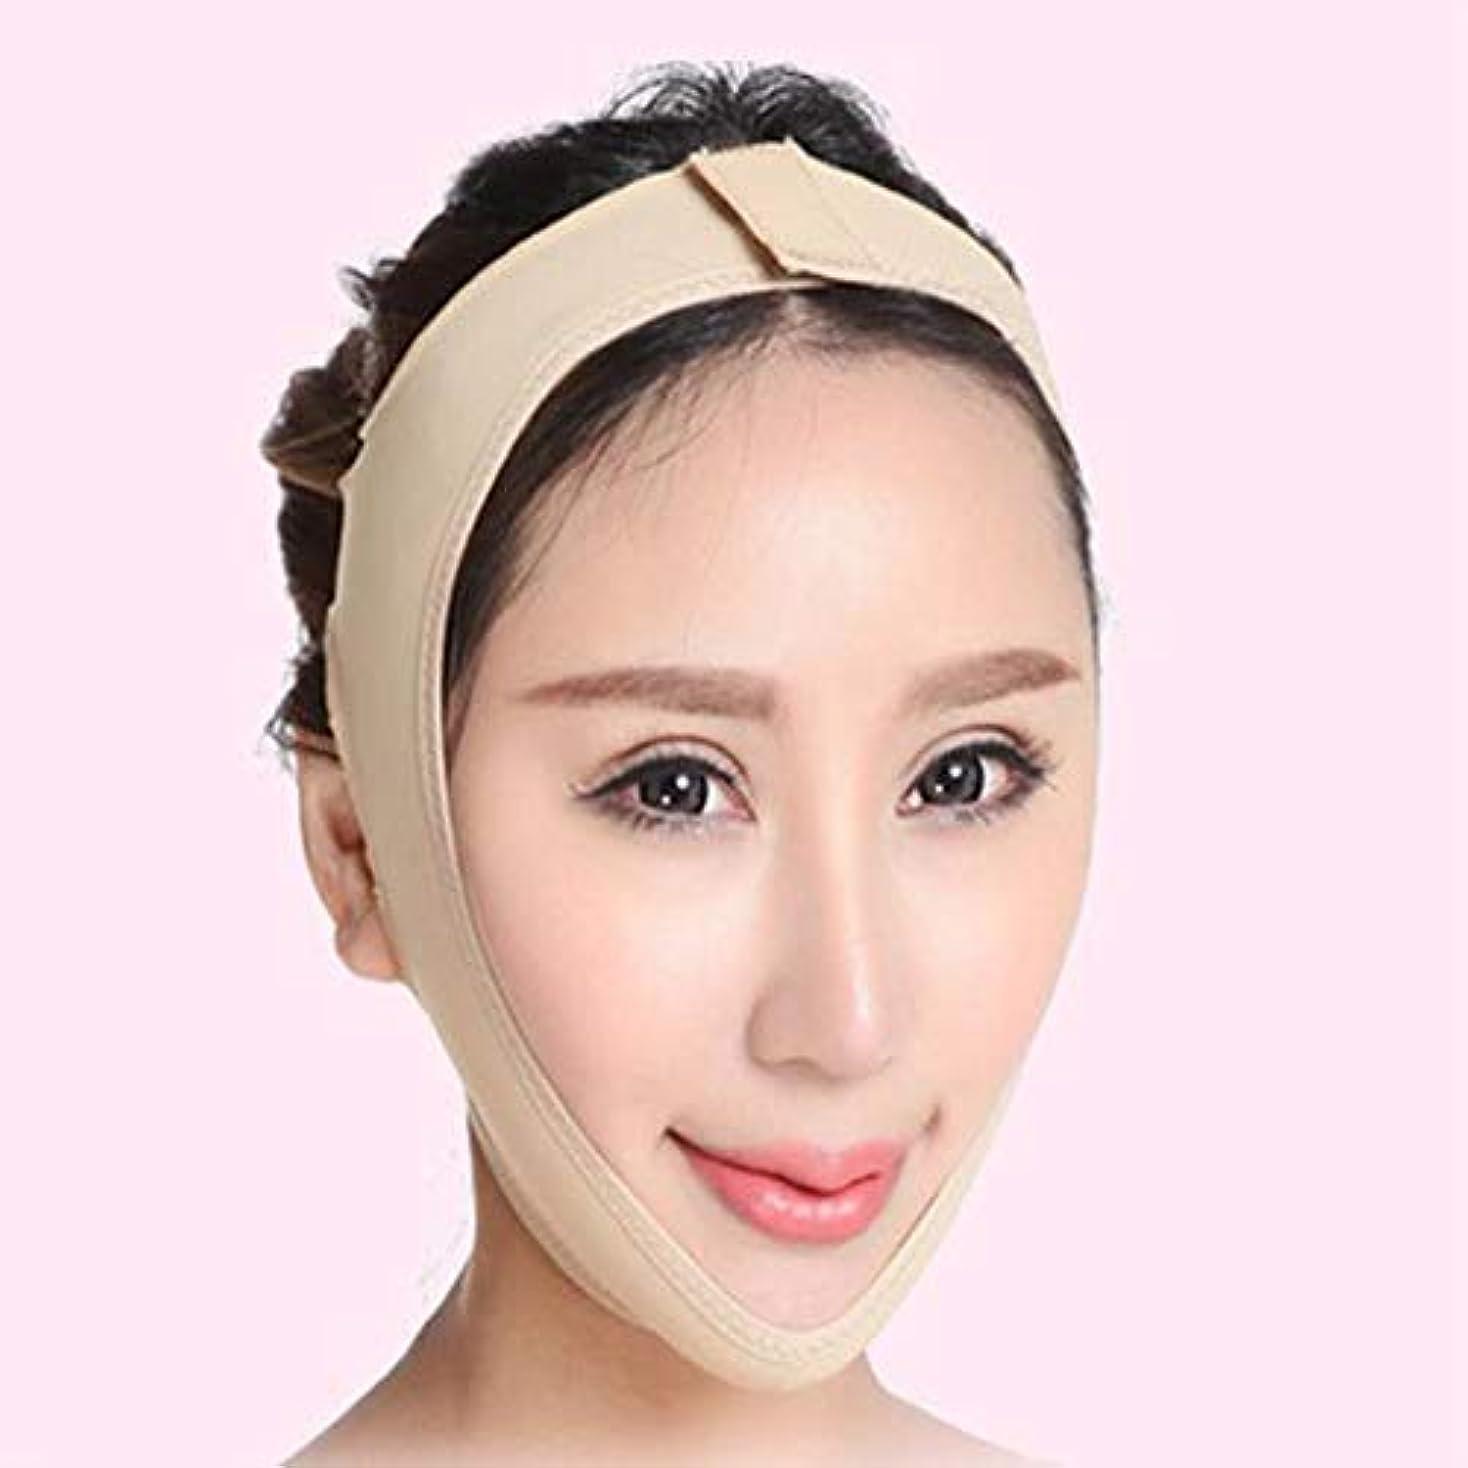 教え郵便物普通のMR 小顔マスク リフトアップ マスク フェイスラインシャープ メンズ レディース Sサイズ MR-AZD15003-S